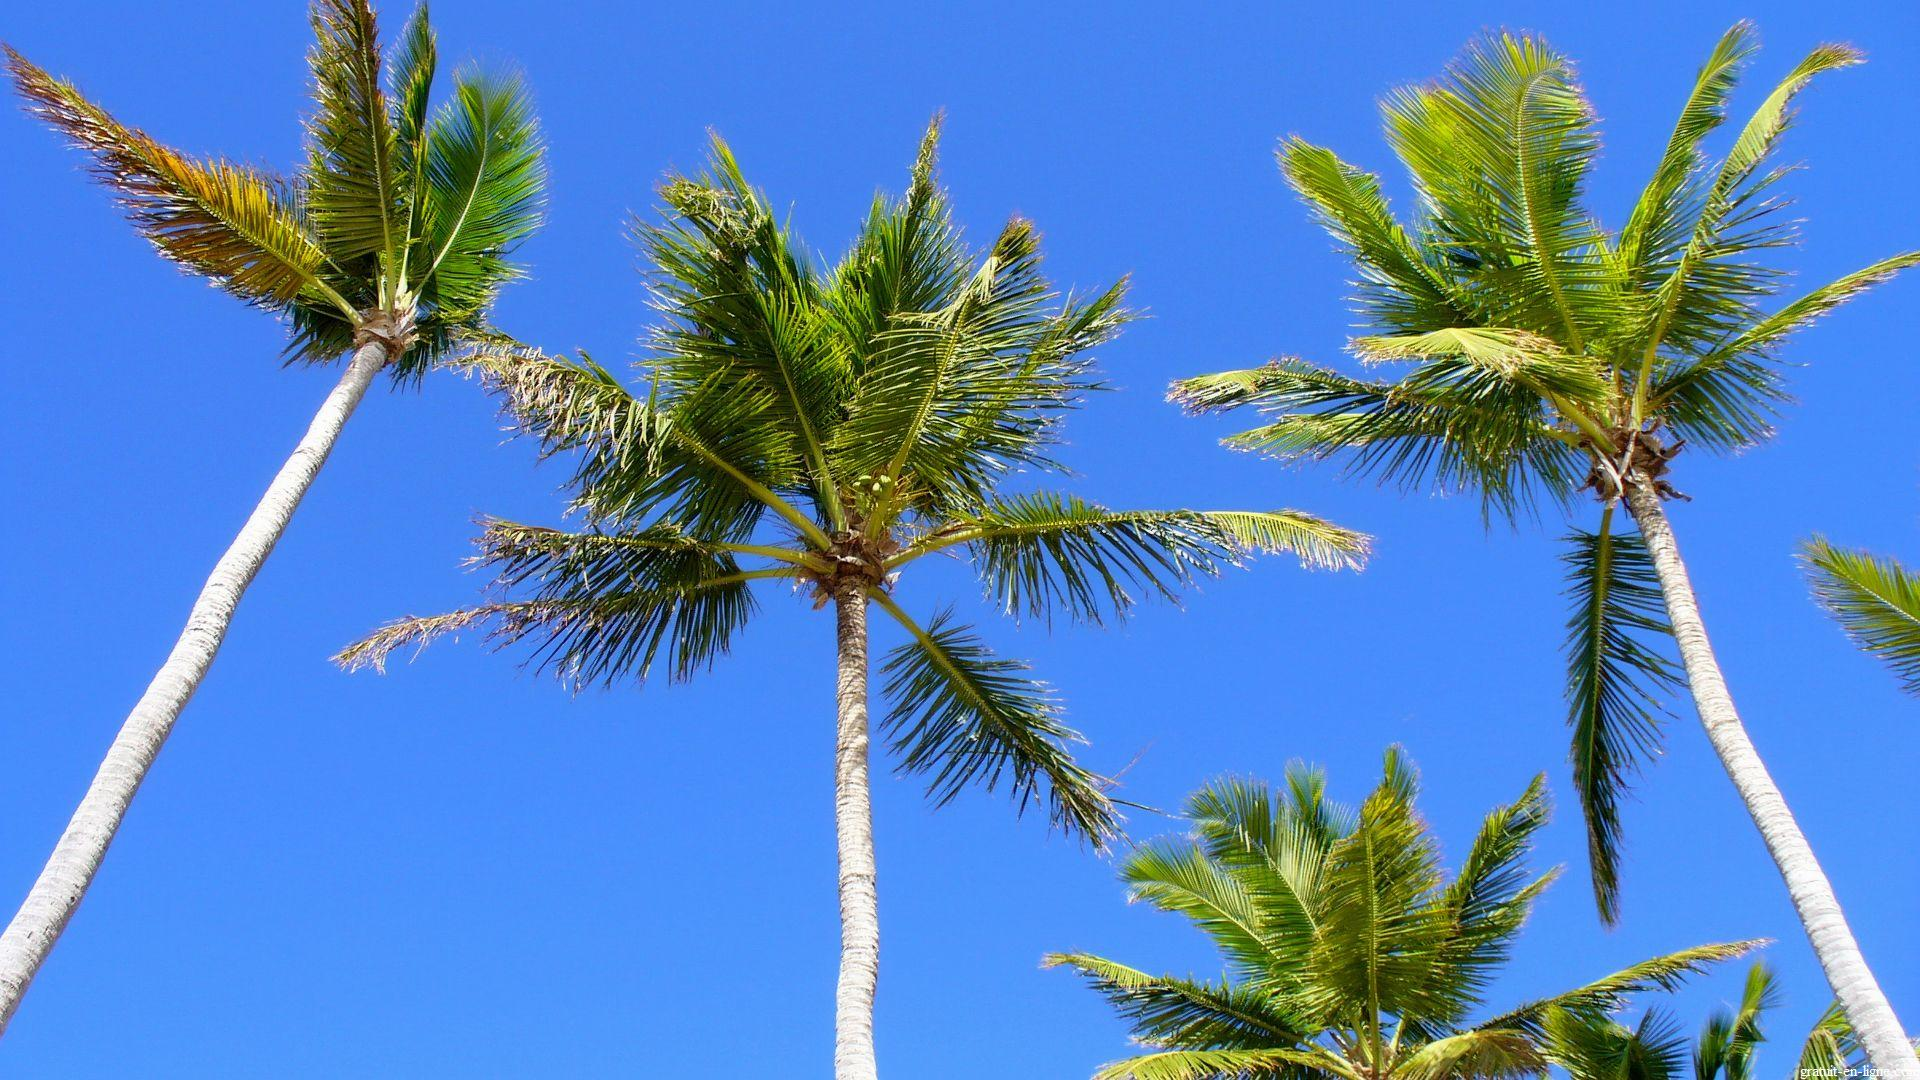 Image wallpaper fleur et plante gratuit hd en ligne for Plante palmier